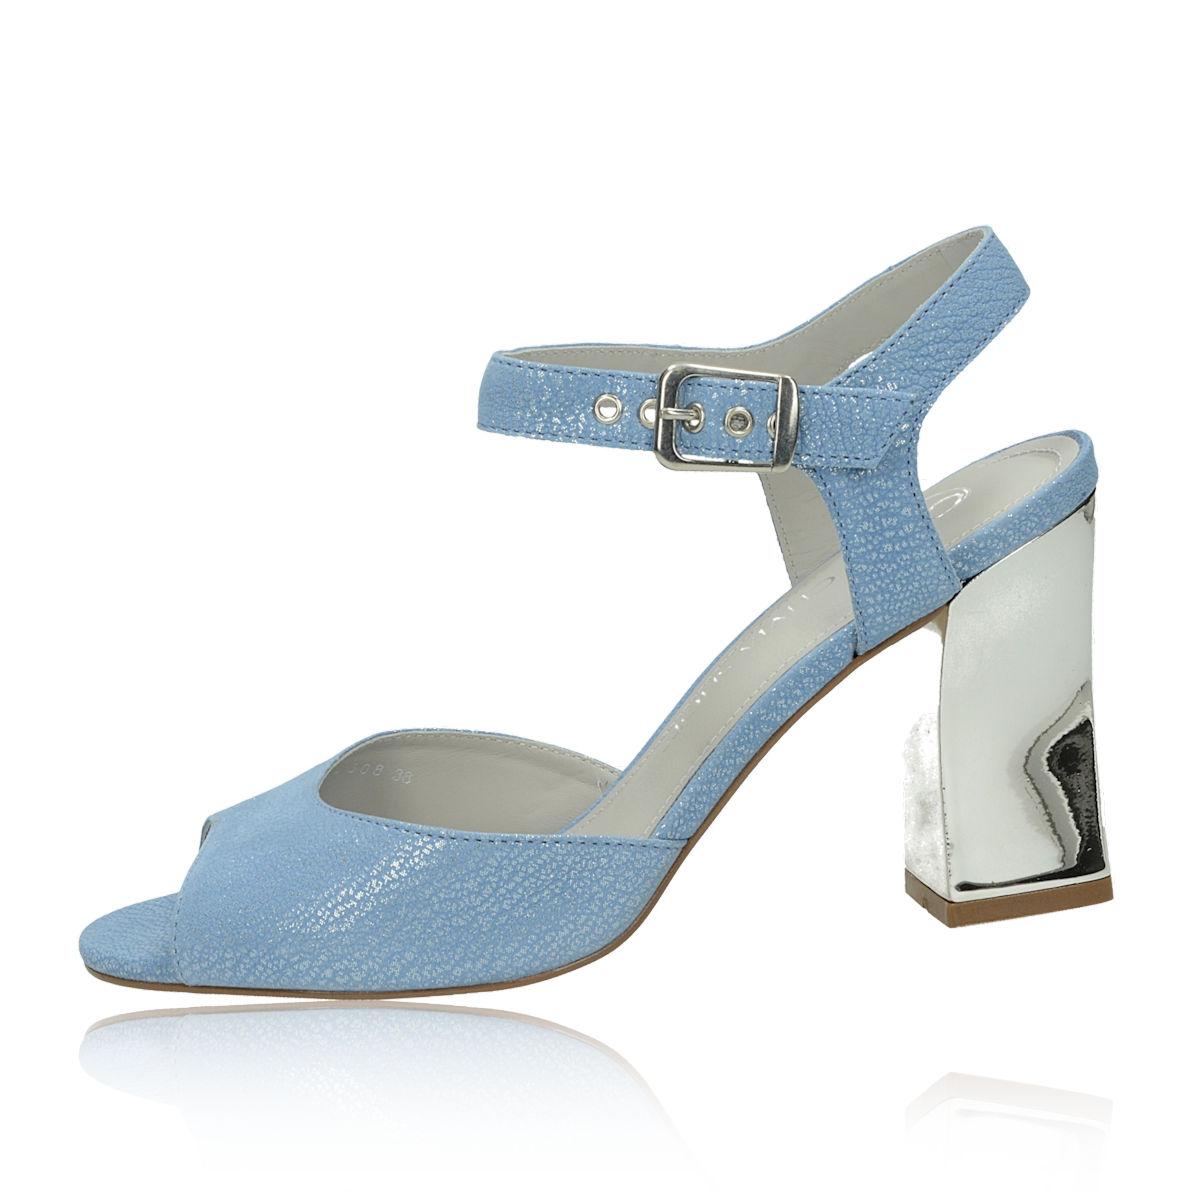 566d95e80104 ... Olivia shoes dámske štýlové sandále s remienkom - modré ...